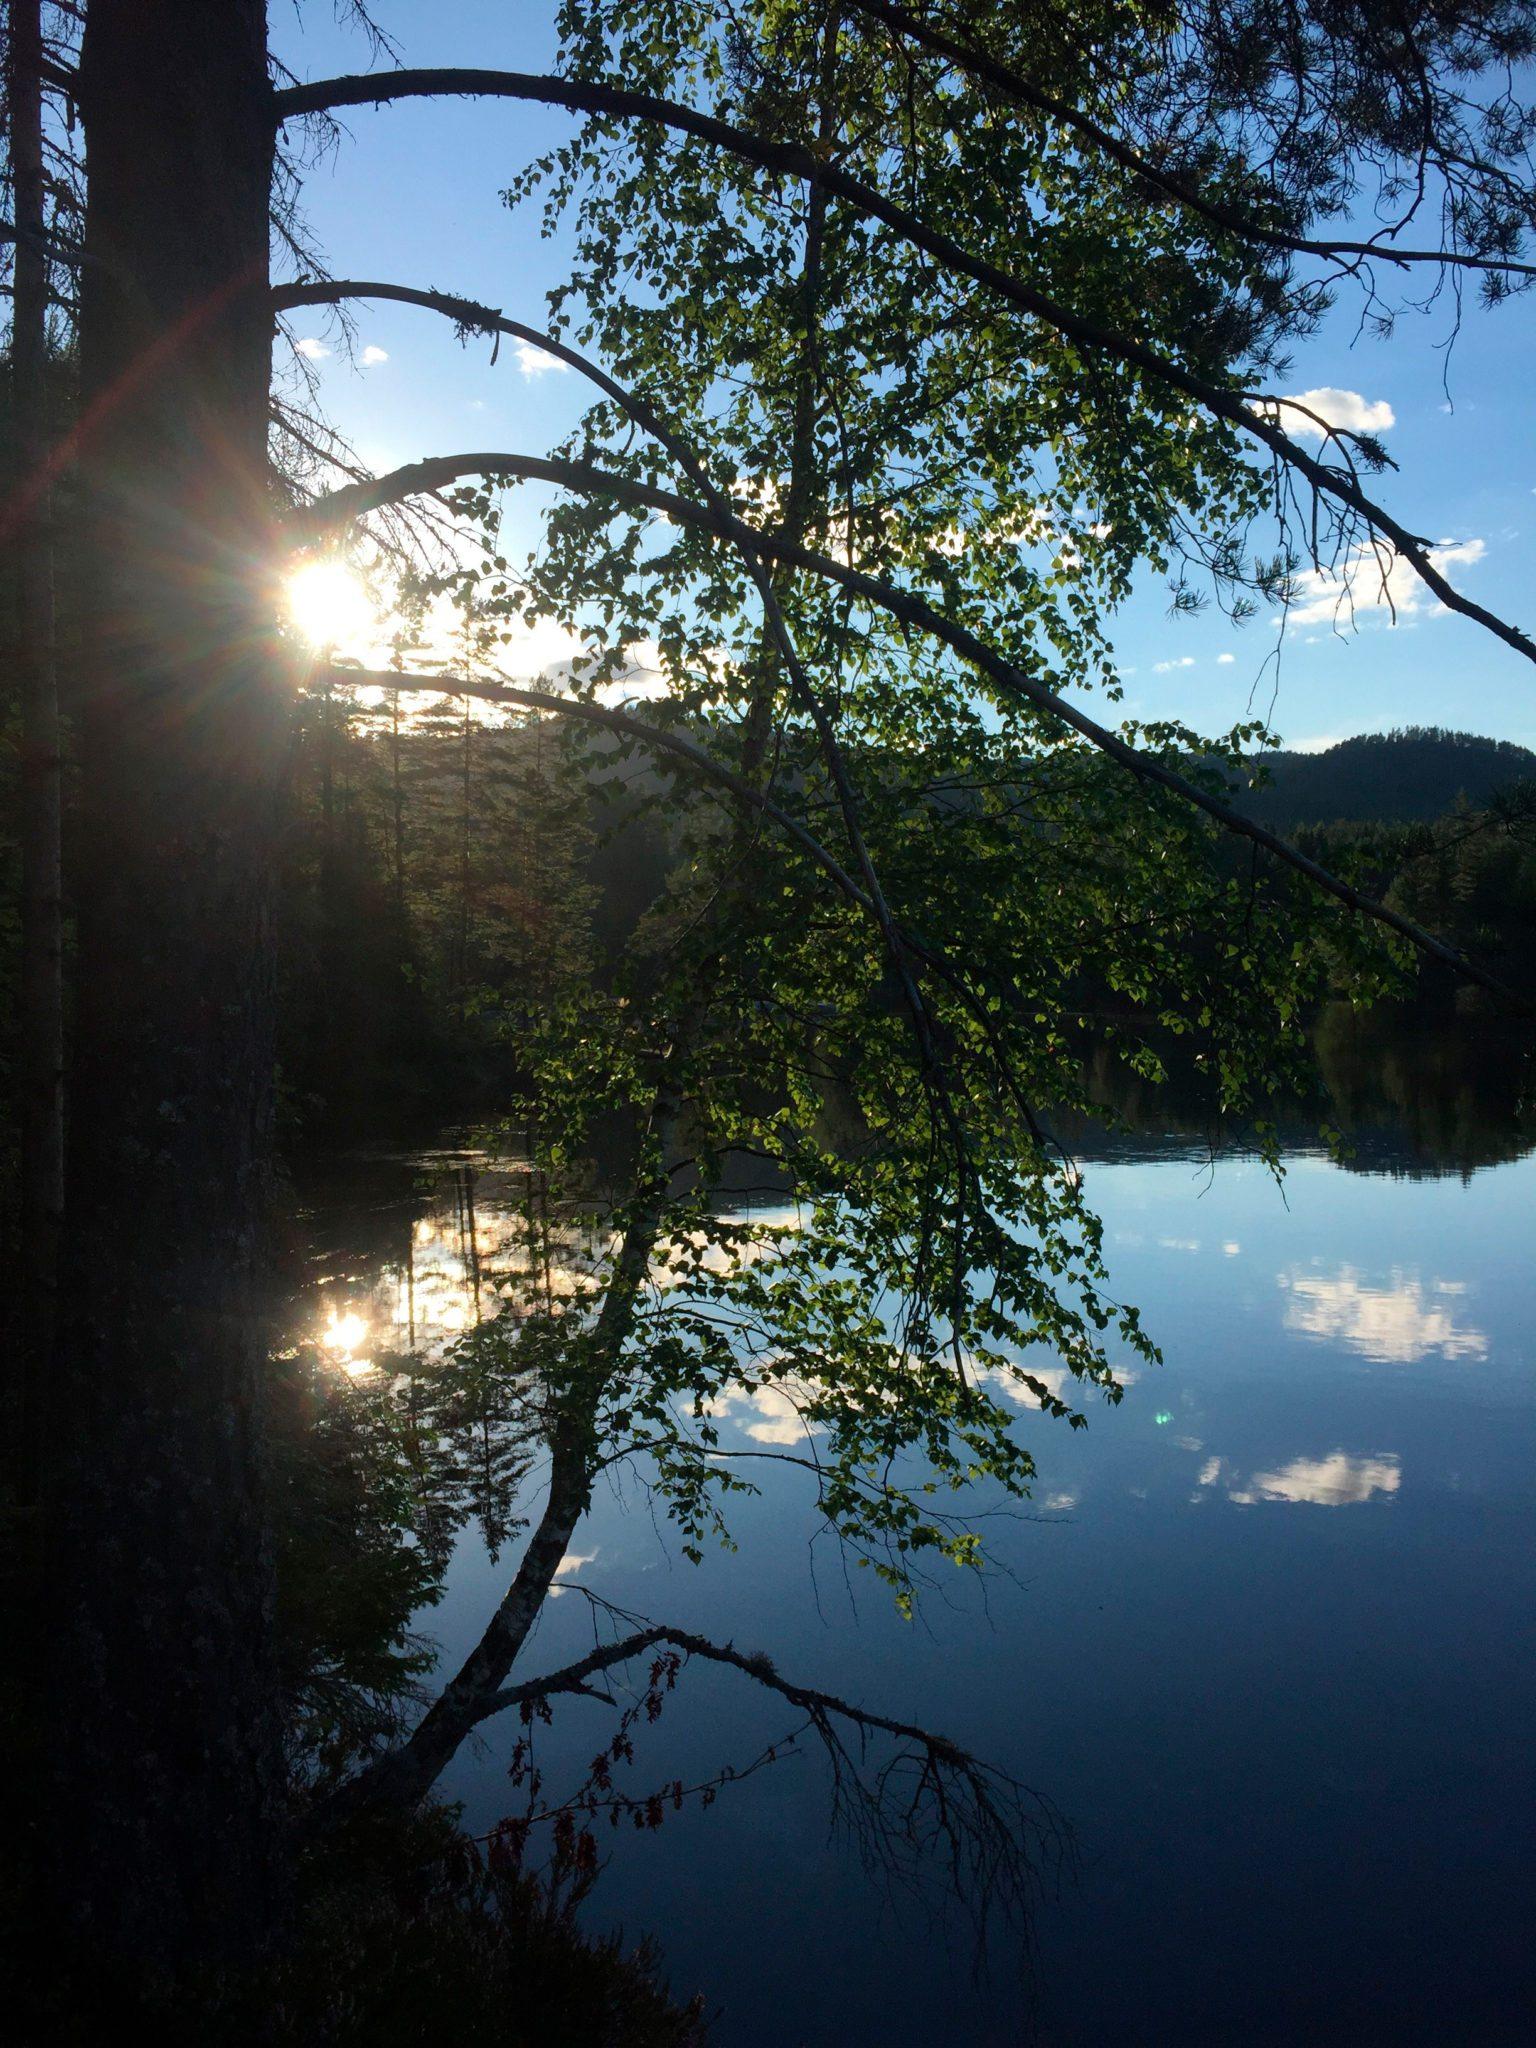 Vet du hva elven på dette bildet heter?